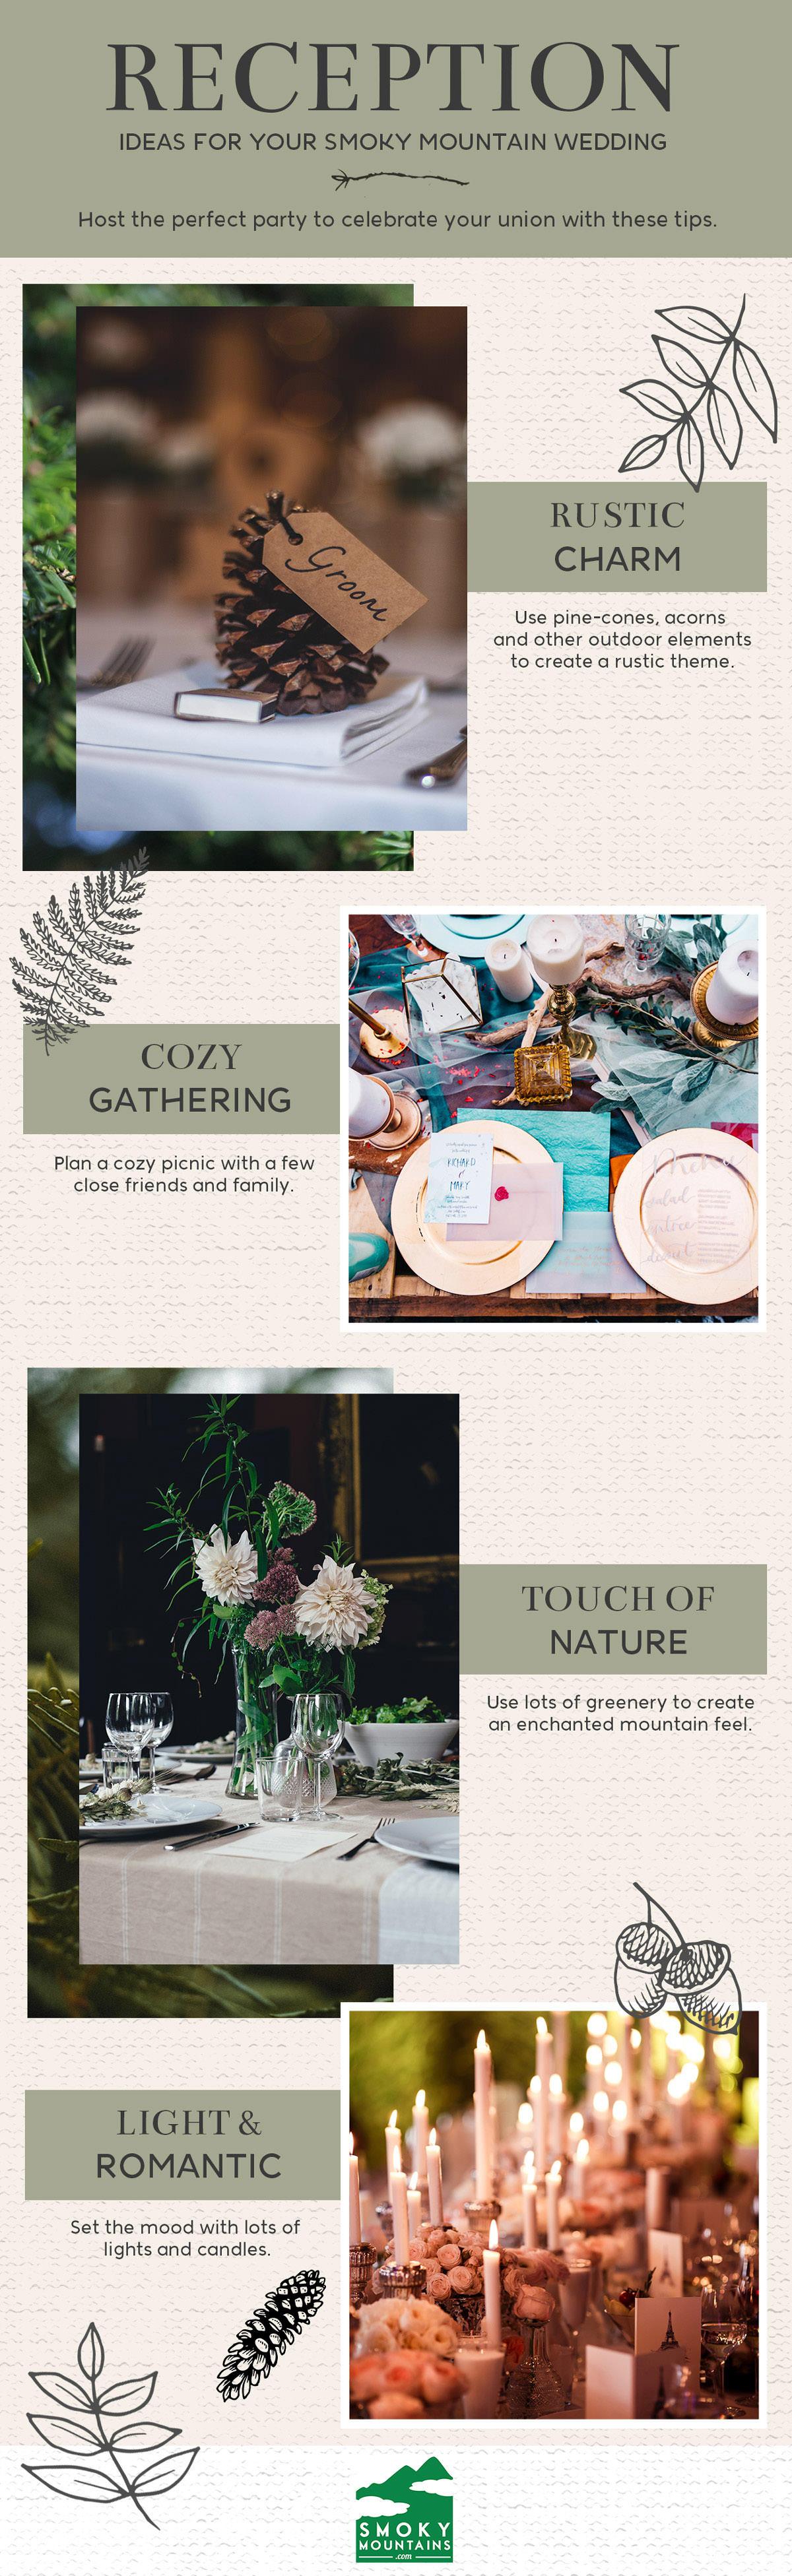 Smoky Mountain Wedding Reception Ideas